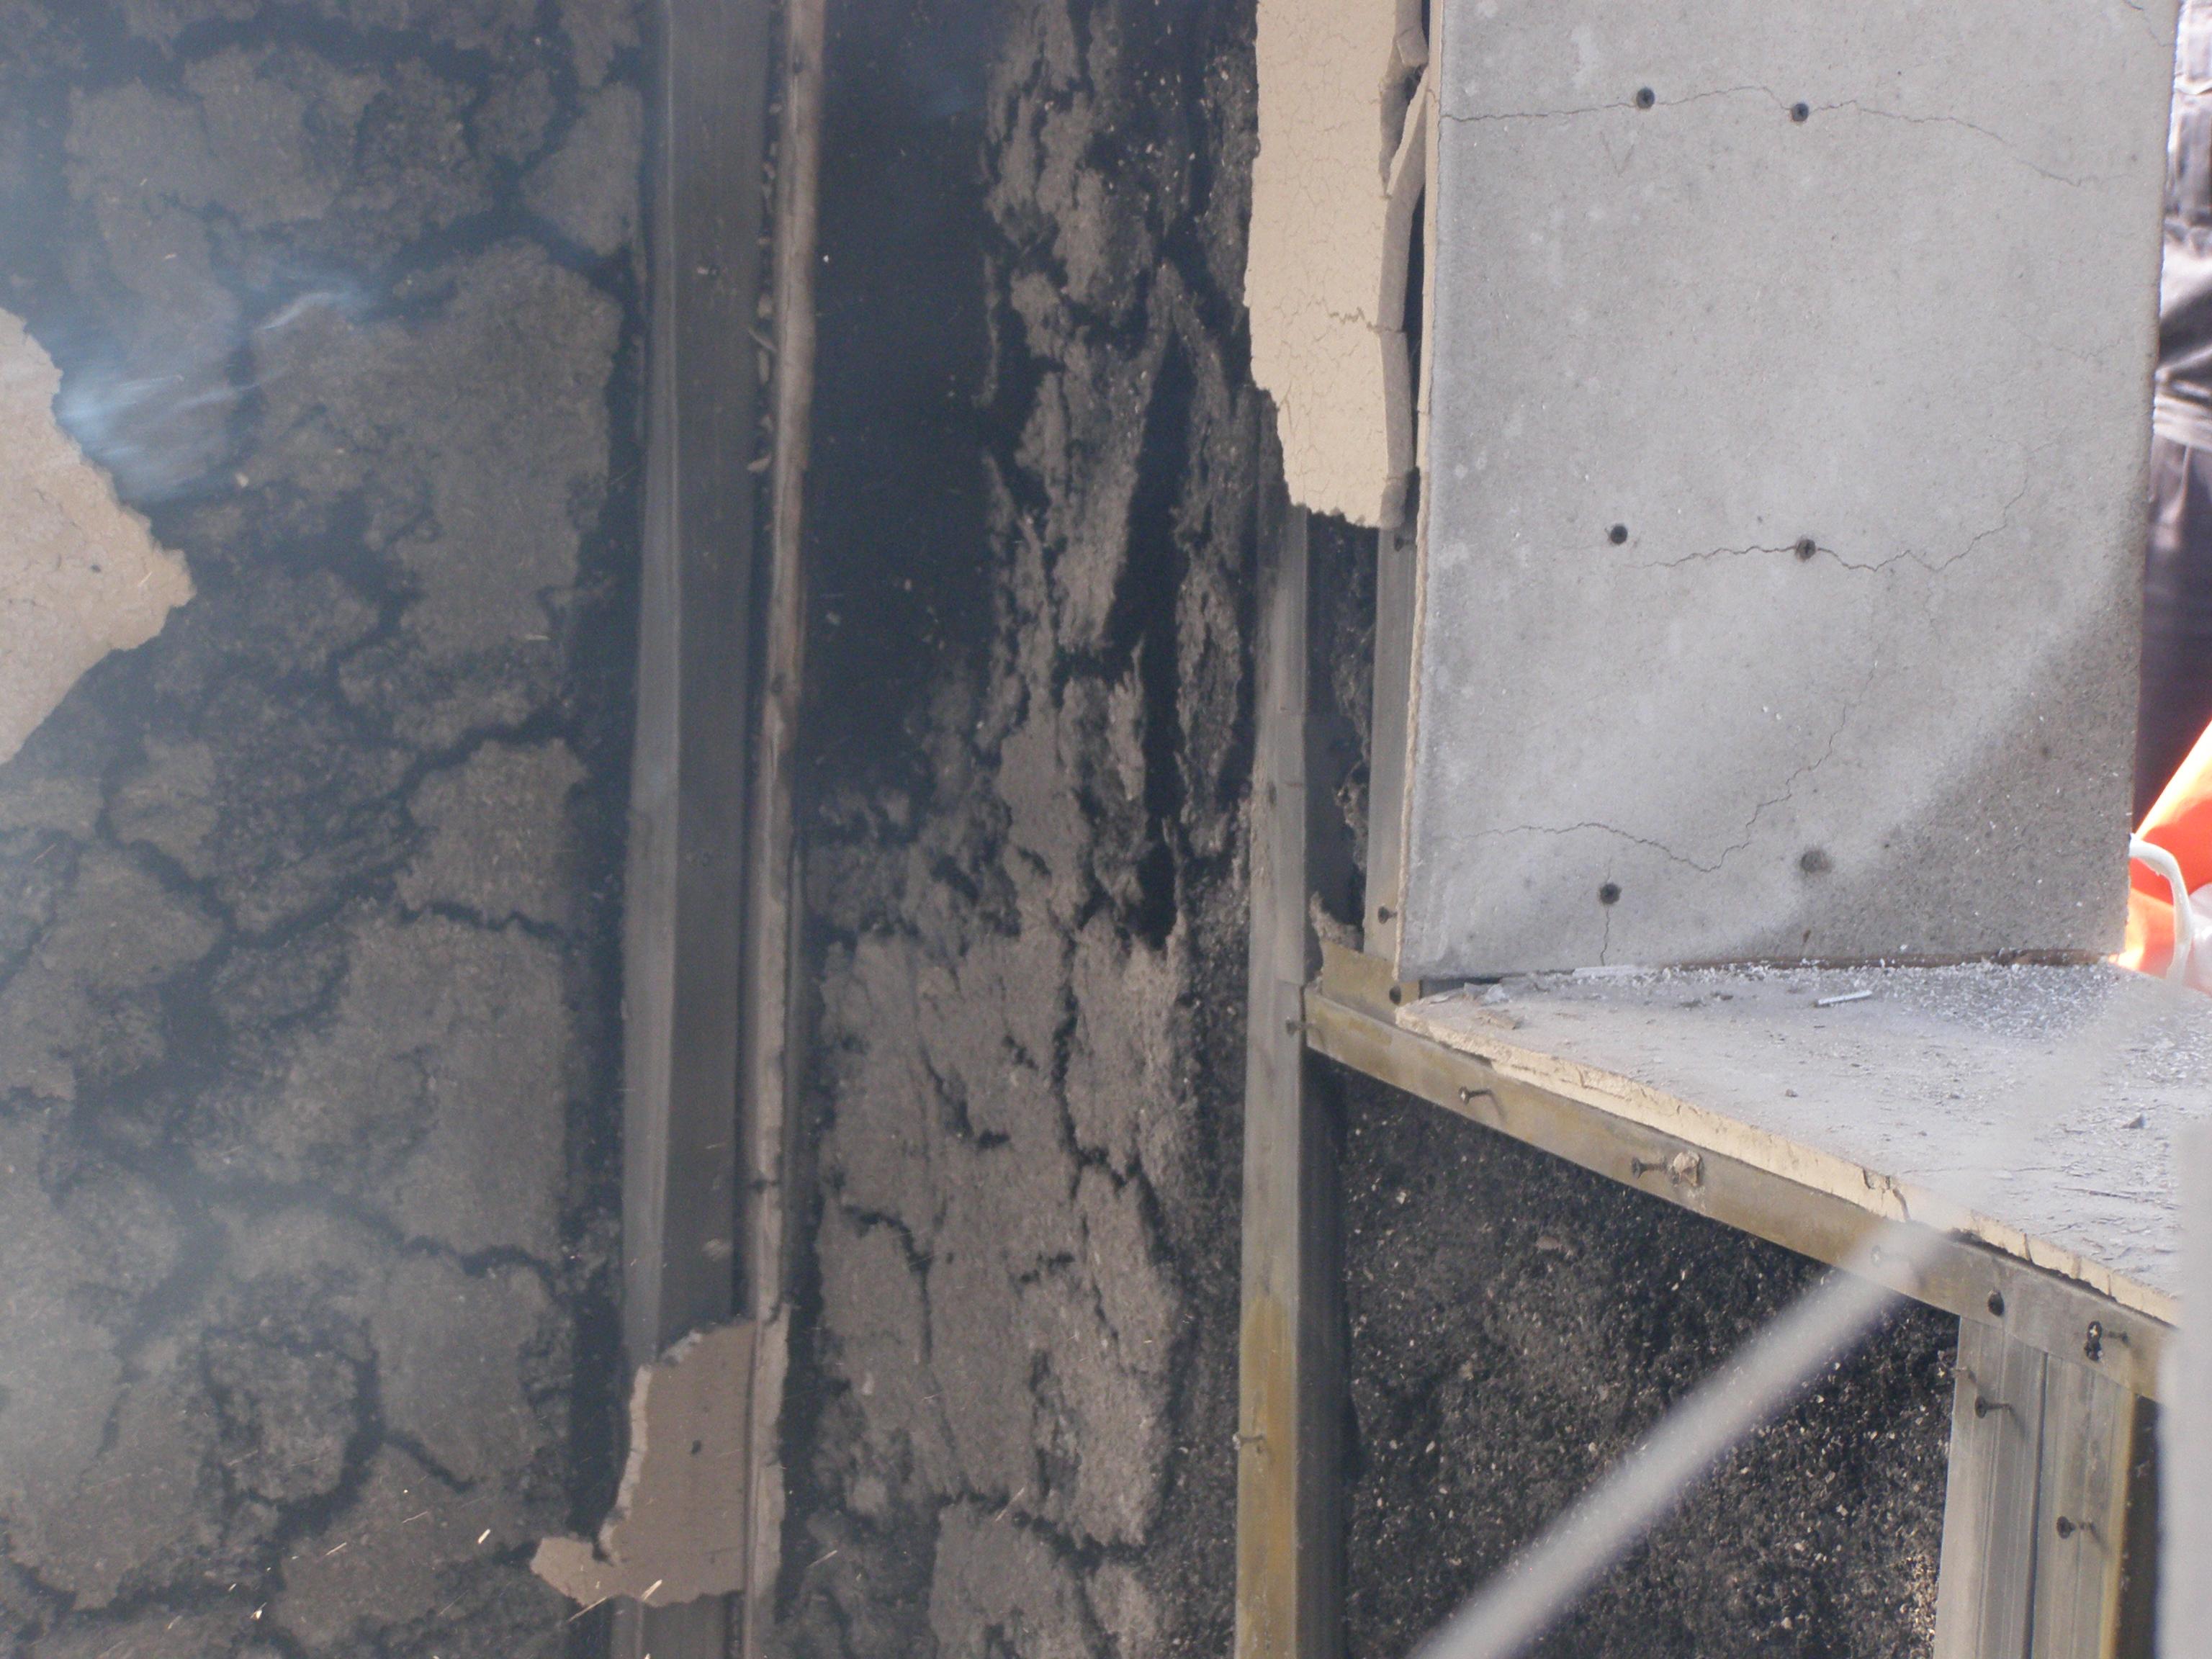 Ukázka celulózy Climacell® po 45 minutovém požáru. Na záběru lze jasně vidět celulózu Climacell®, která je vyrobena zpapíru a nehoří!